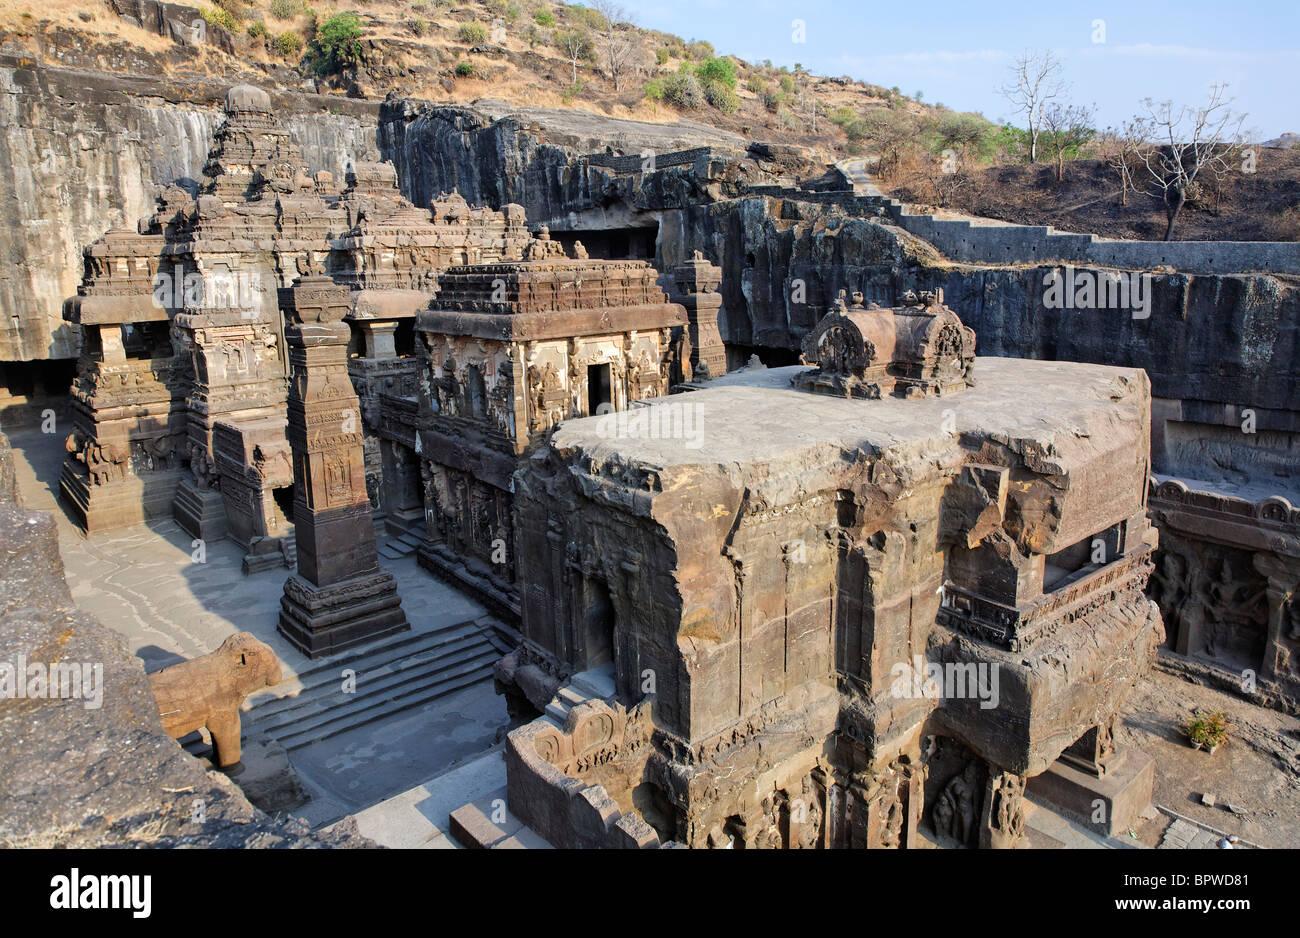 Kailash tempio, Grotte di Ellora, nello stato del Maharashtra, India Immagini Stock